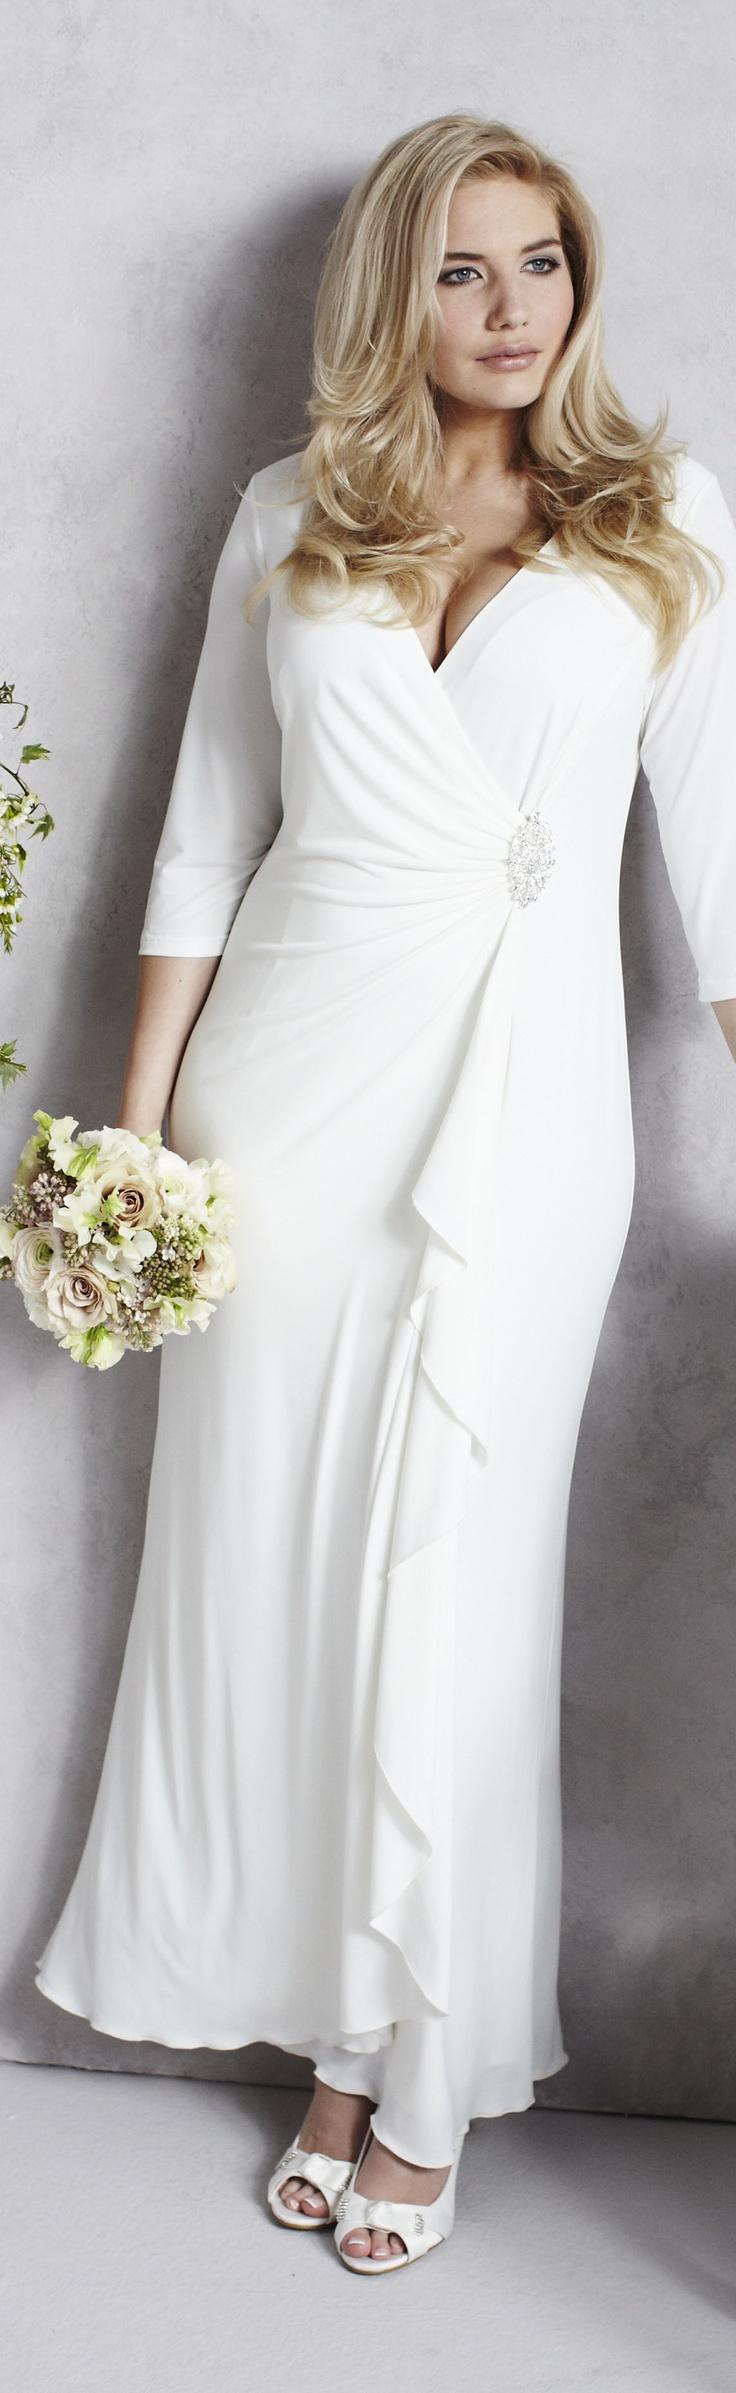 older brides Wallpaper Second Wedding Dresses For Older